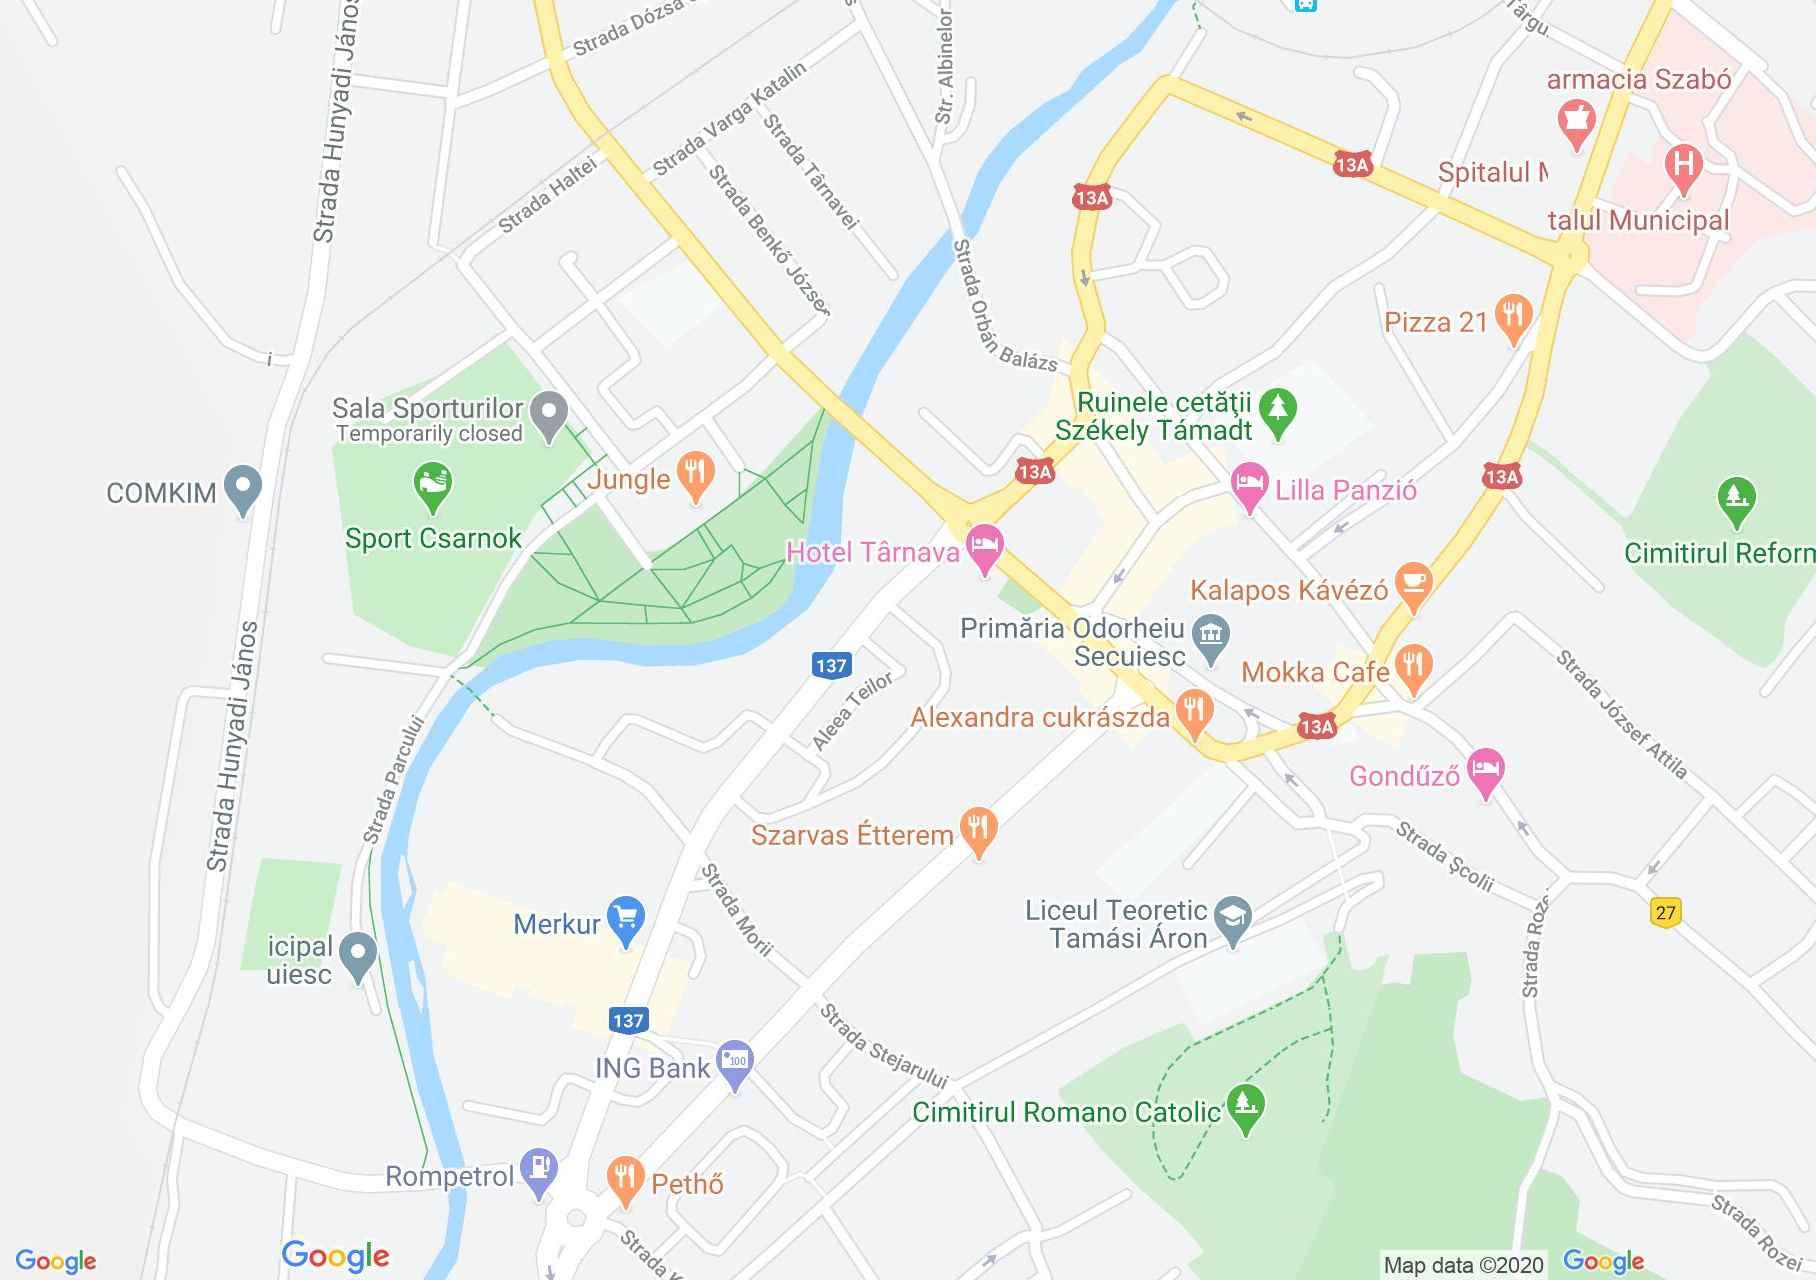 Odorheiu Secuiesc center: (Center), Interactive tourist map